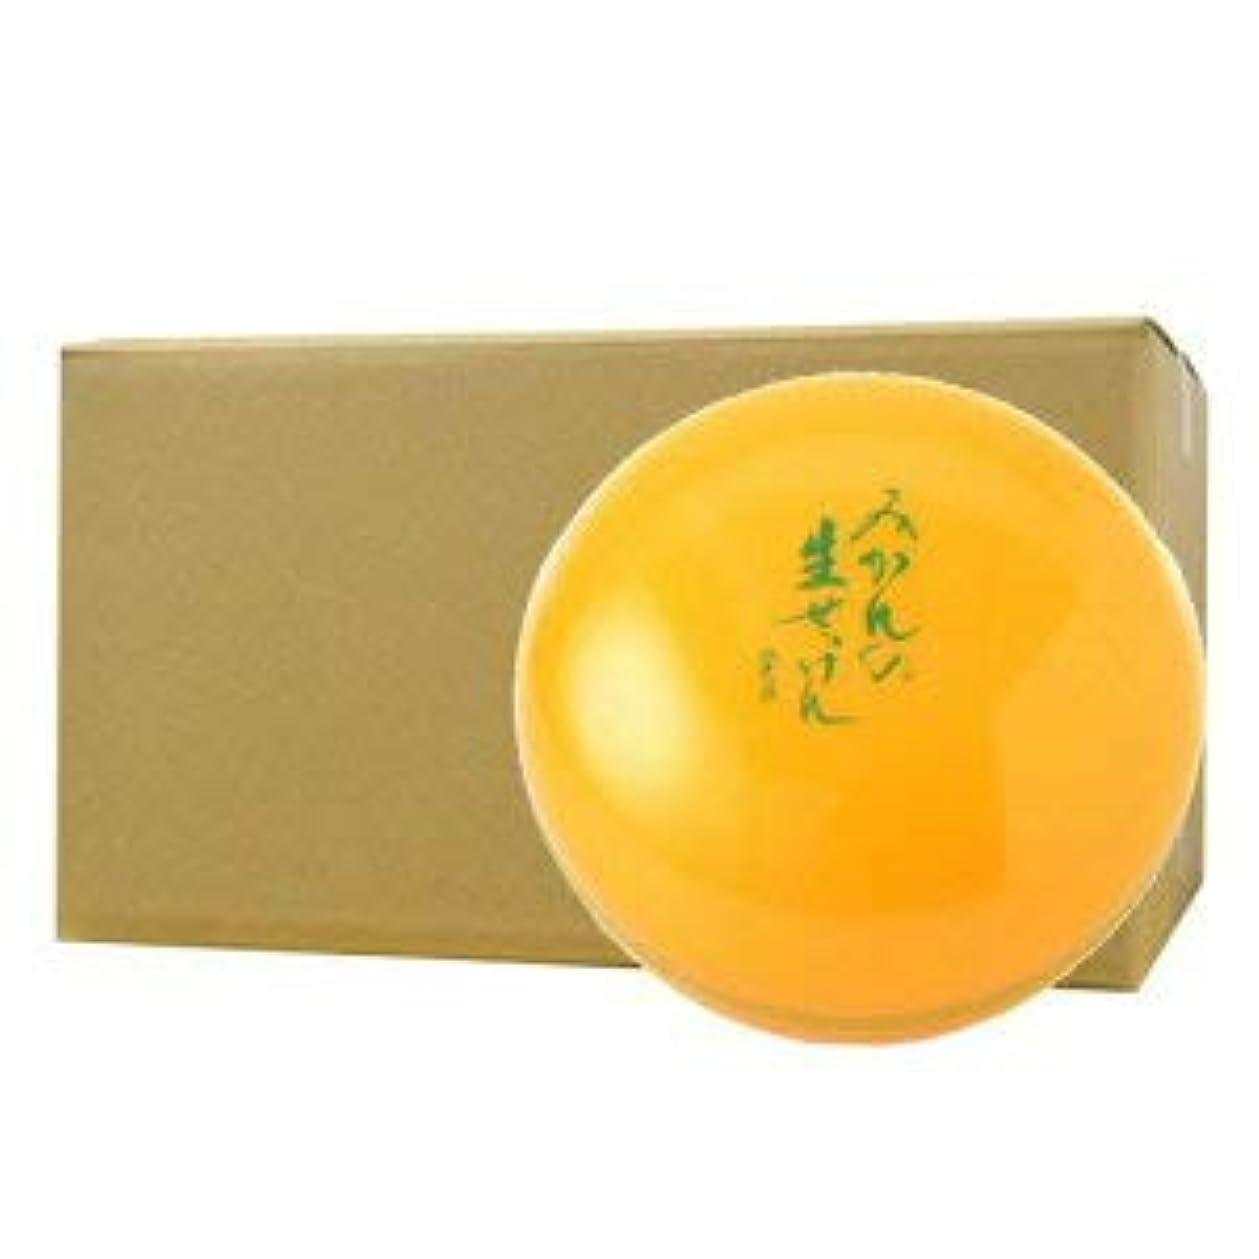 効能ある効能大使館UYEKI美香柑みかんの生せっけん50g×72個ケース